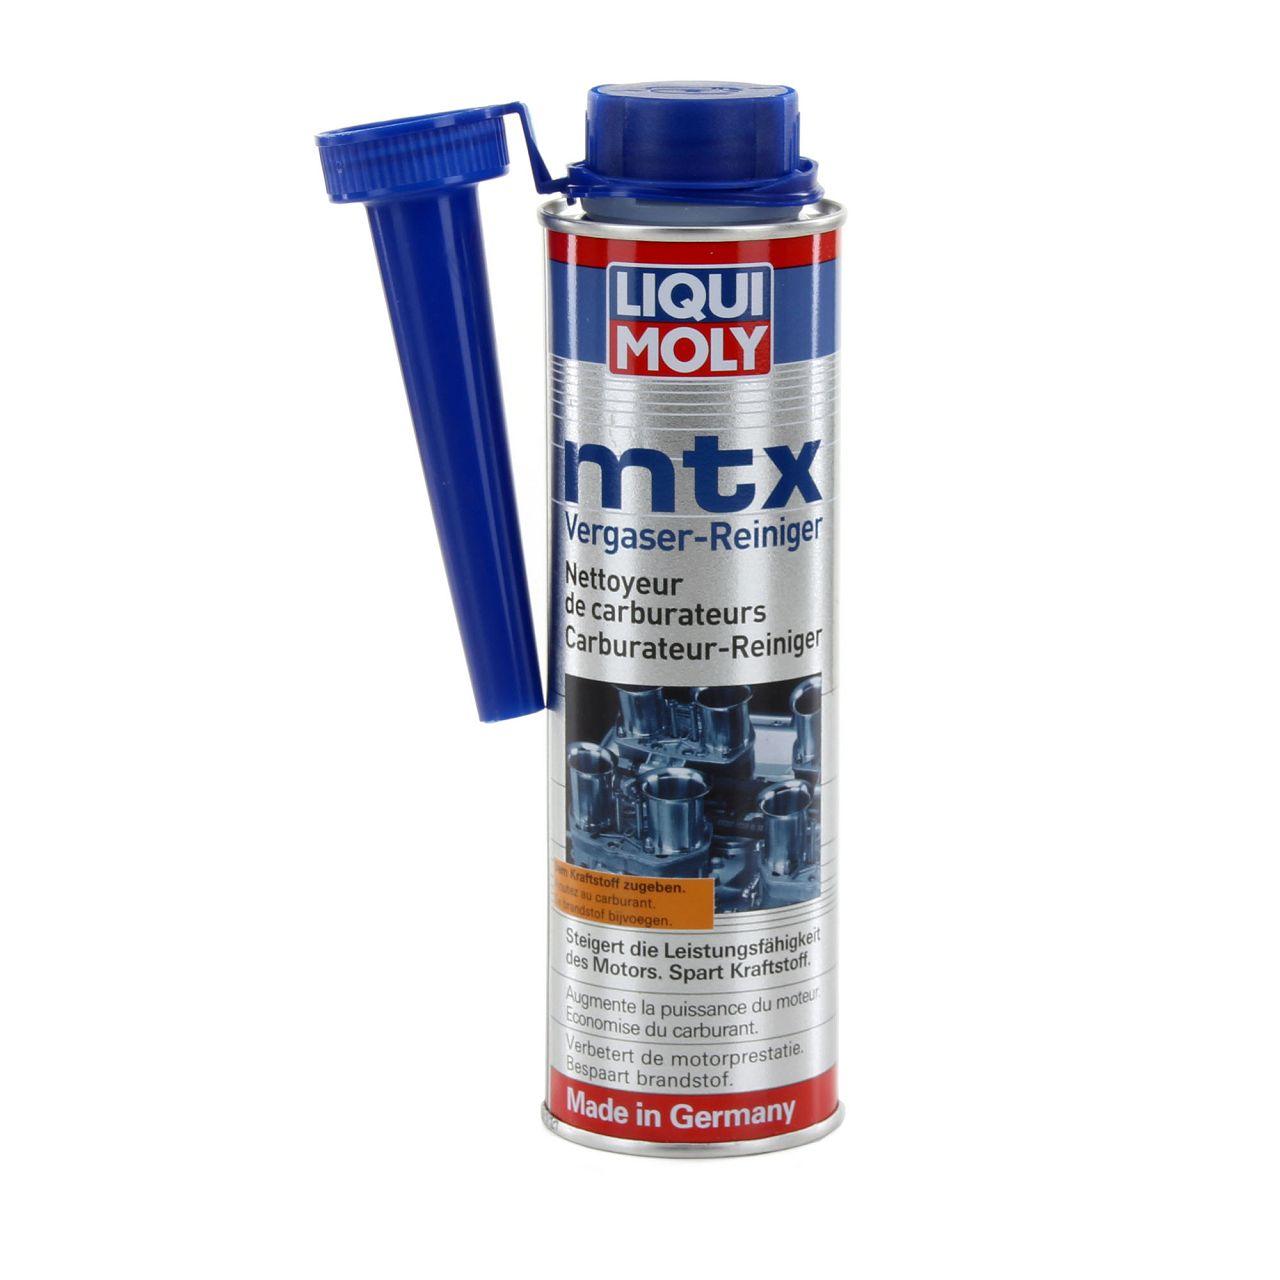 LIQUI MOLY Benzinadditiv MTX Vergaser-Reiniger Vergaserreiniger 300 ml 5100